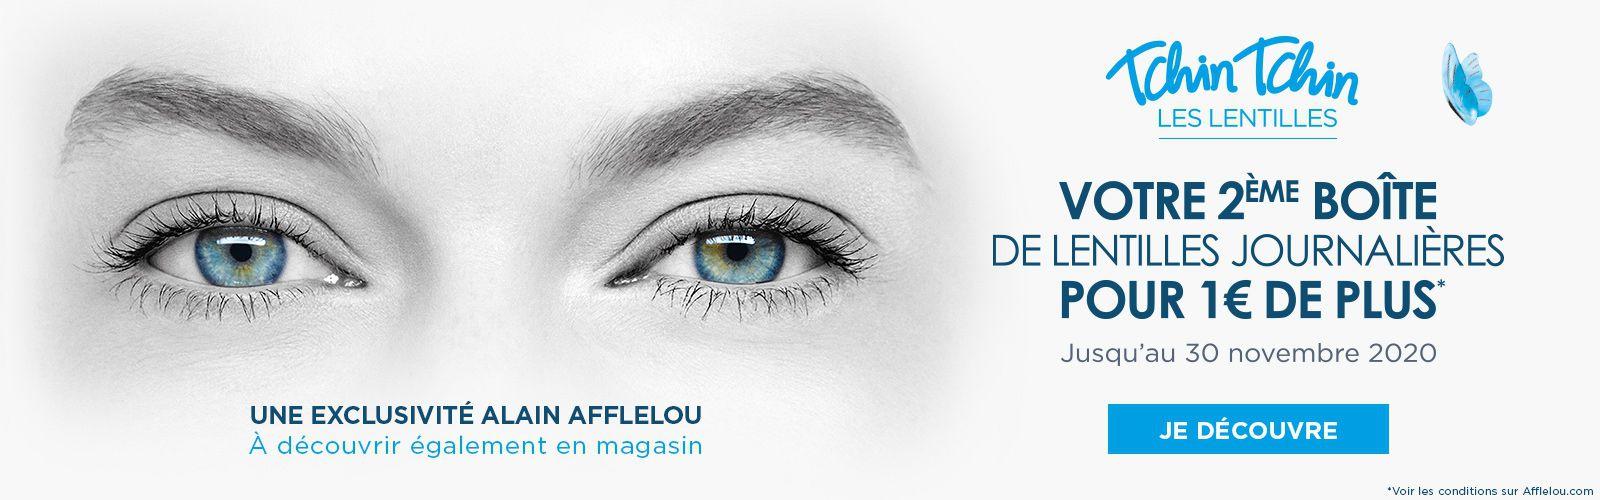 image swiper Afflelou 2